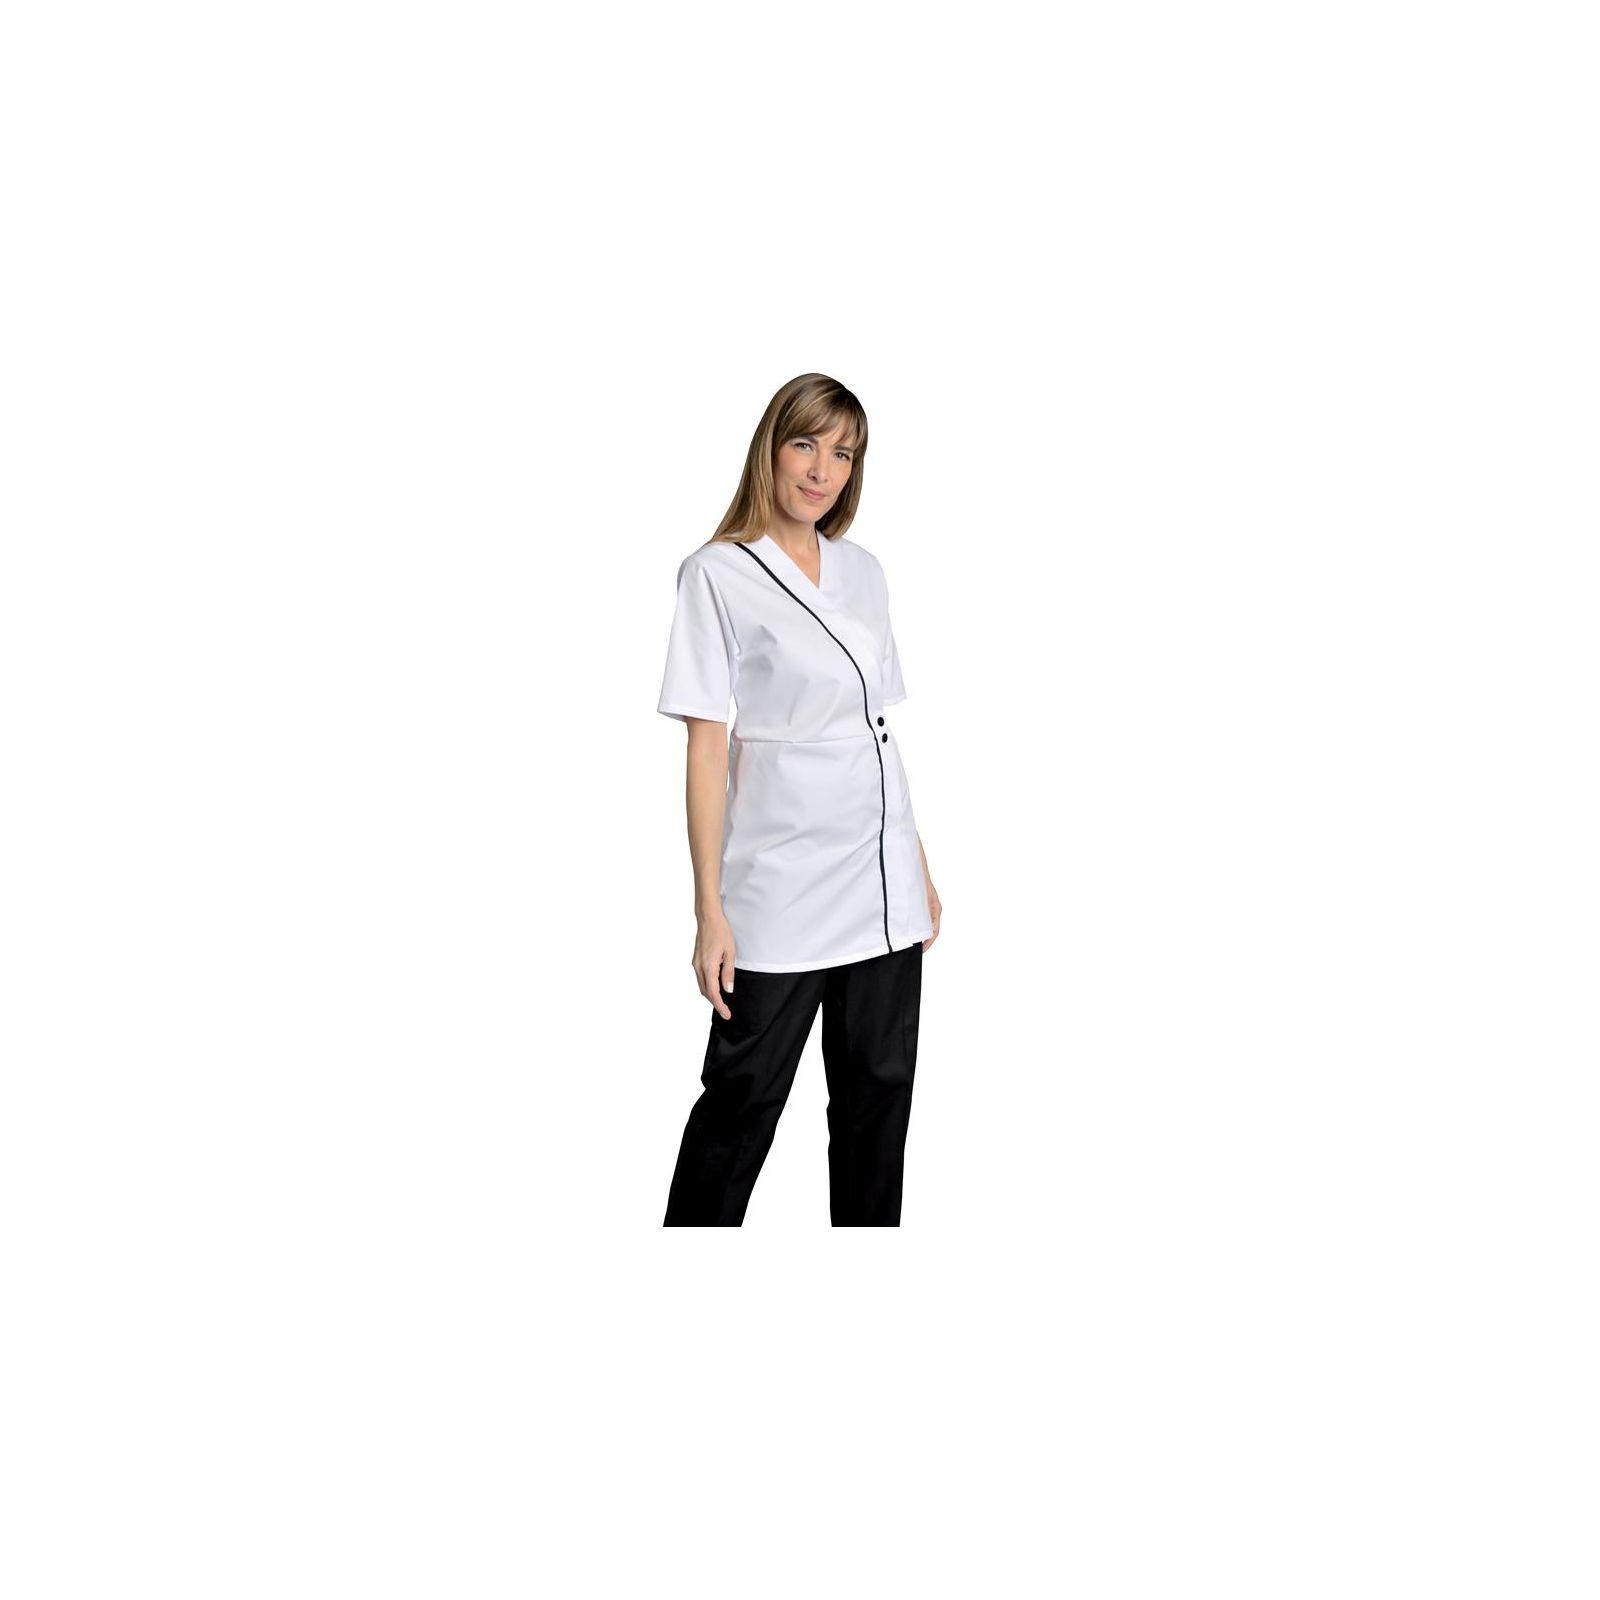 Blouse de travail Femme blanche Col V Ambre, SNV (AMBREMC00), couleur blanche vue modèle